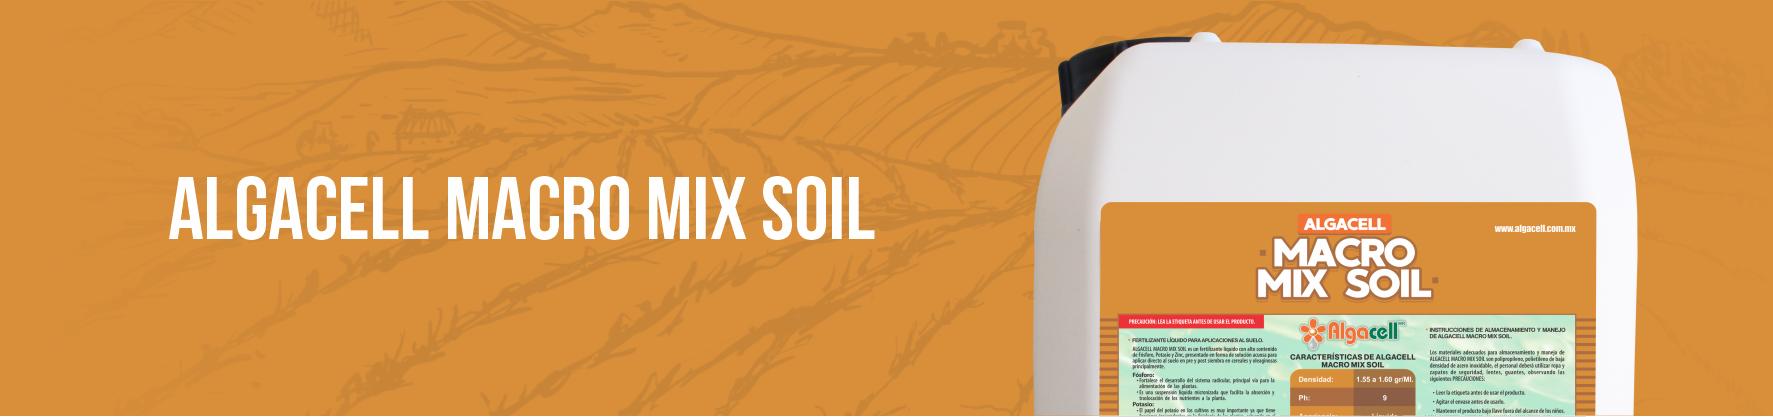 Macro Mix Soil